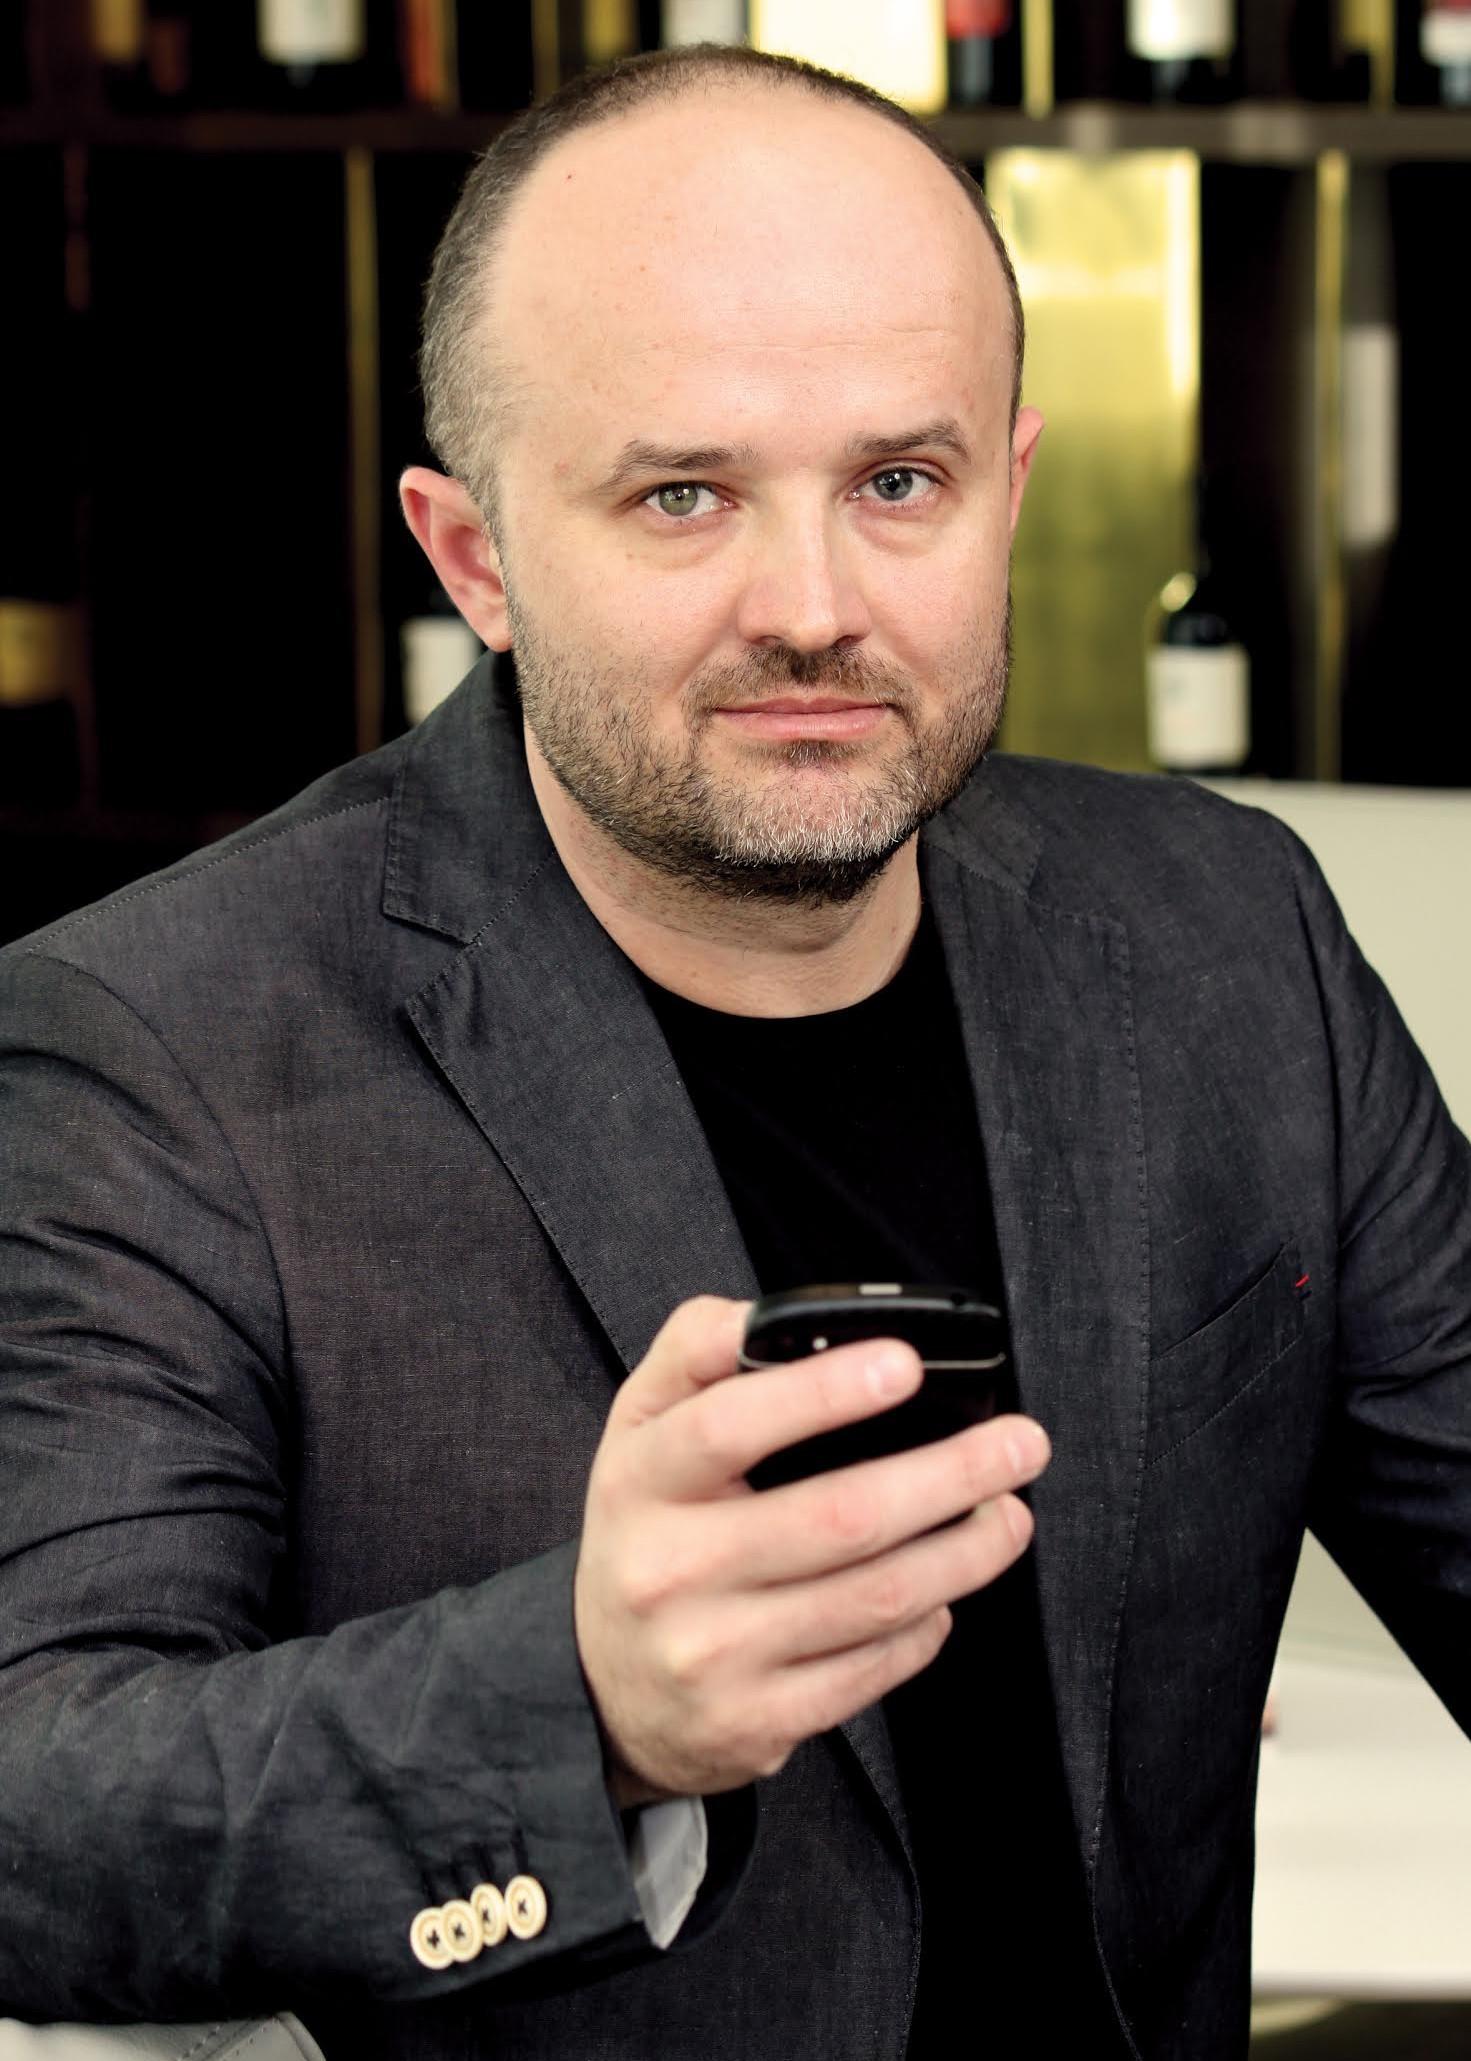 Cătălin Chiș, fondatorul Grupului Active Power Solutions